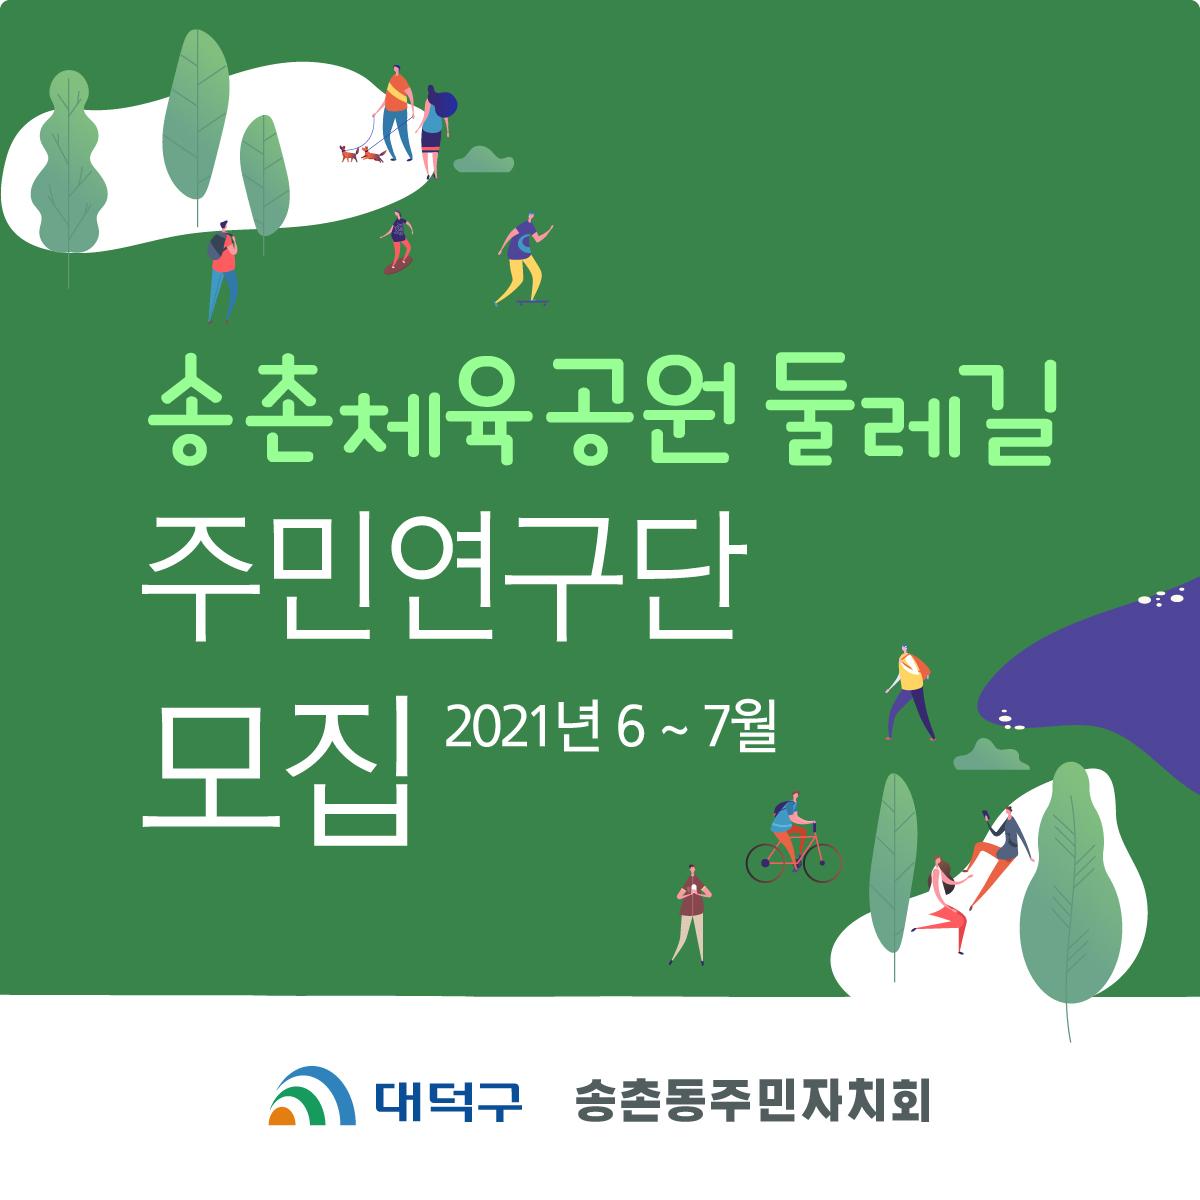 송촌동주민자치회 송촌체육공원 둘레길 주민연구단 모집